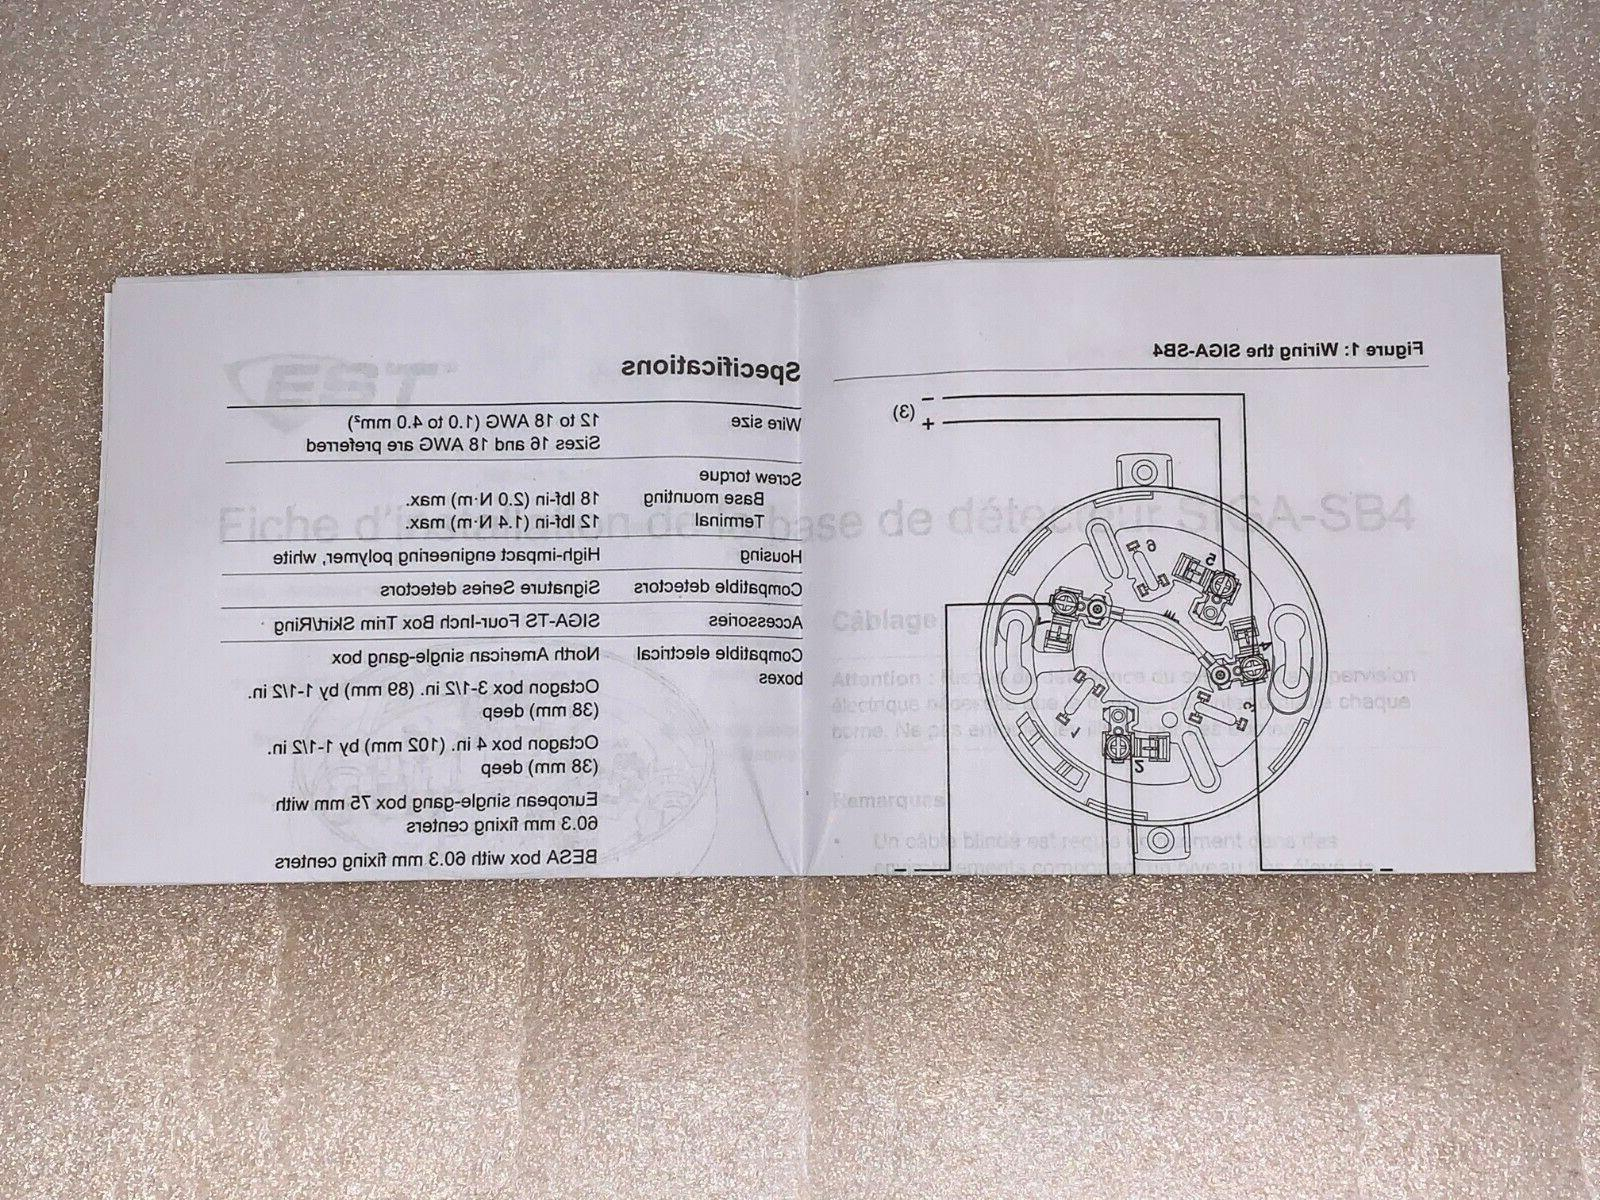 Lot of EST SIGA-SB4 Standard Smoke Detector Unused